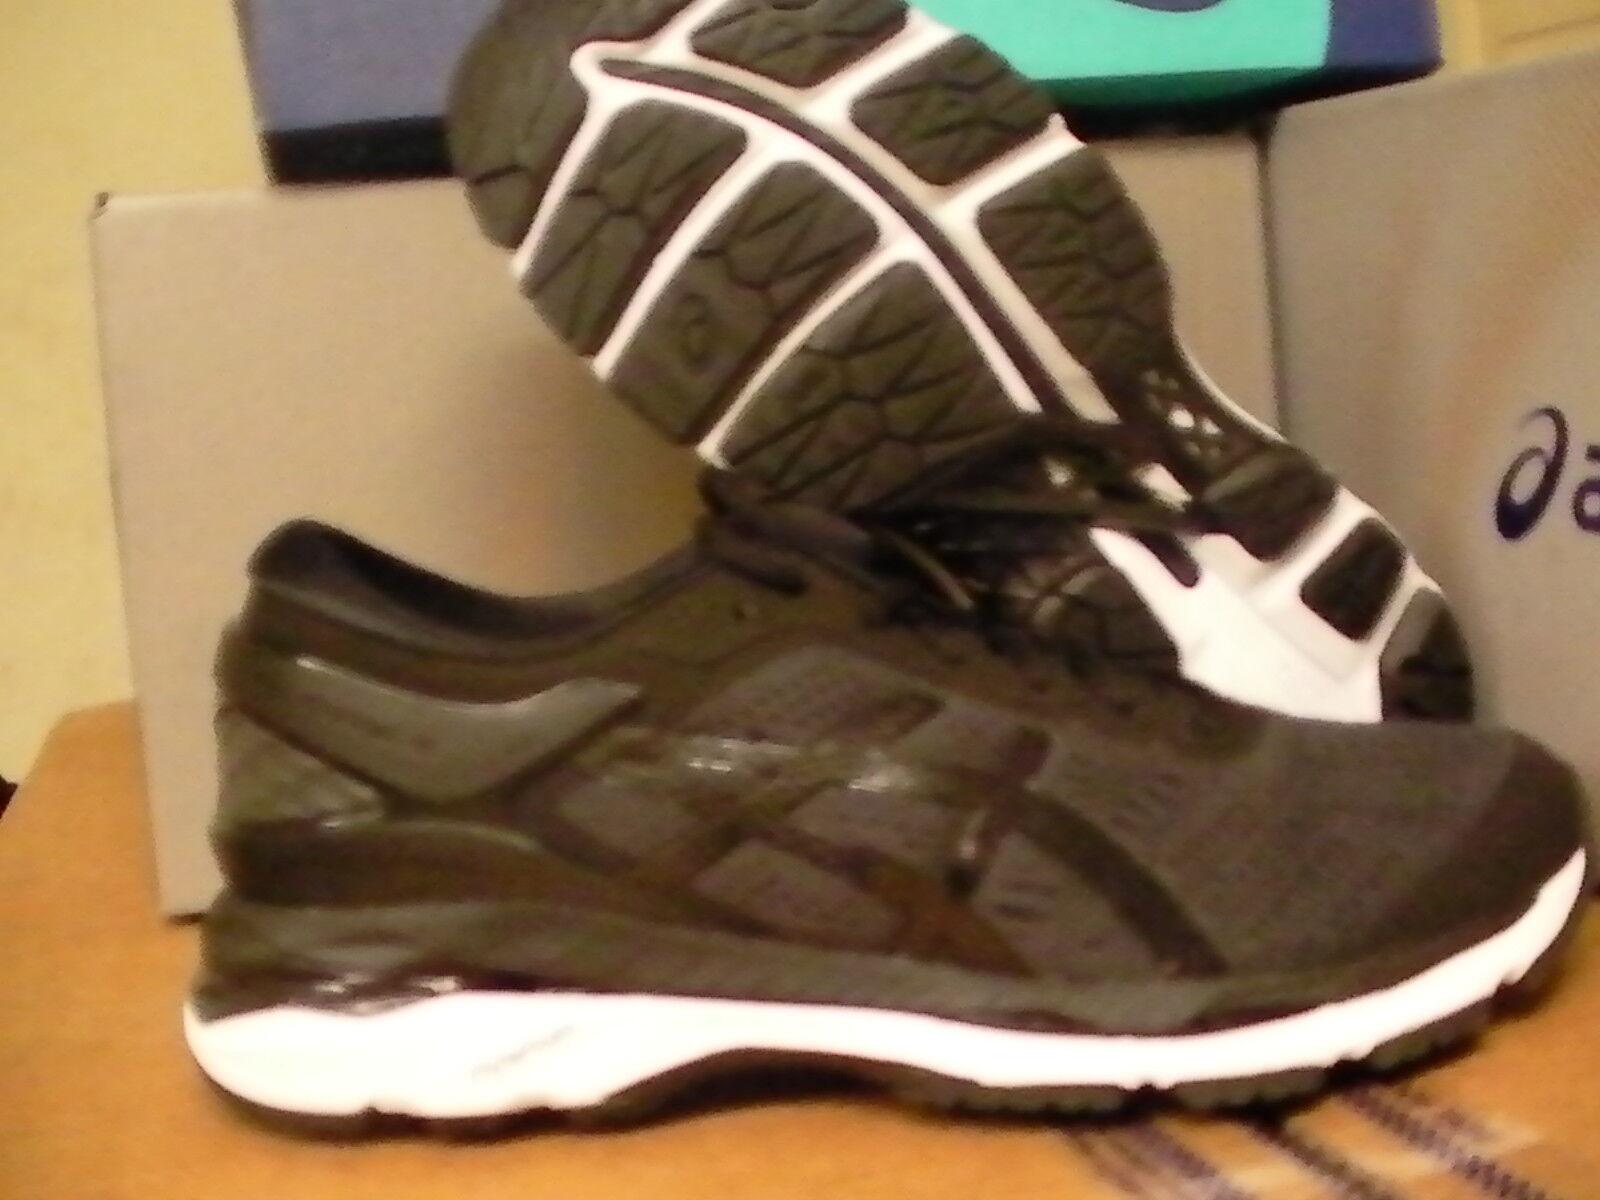 Asics women's gel kayano 24 running shoes black phantom white size 9.5 us